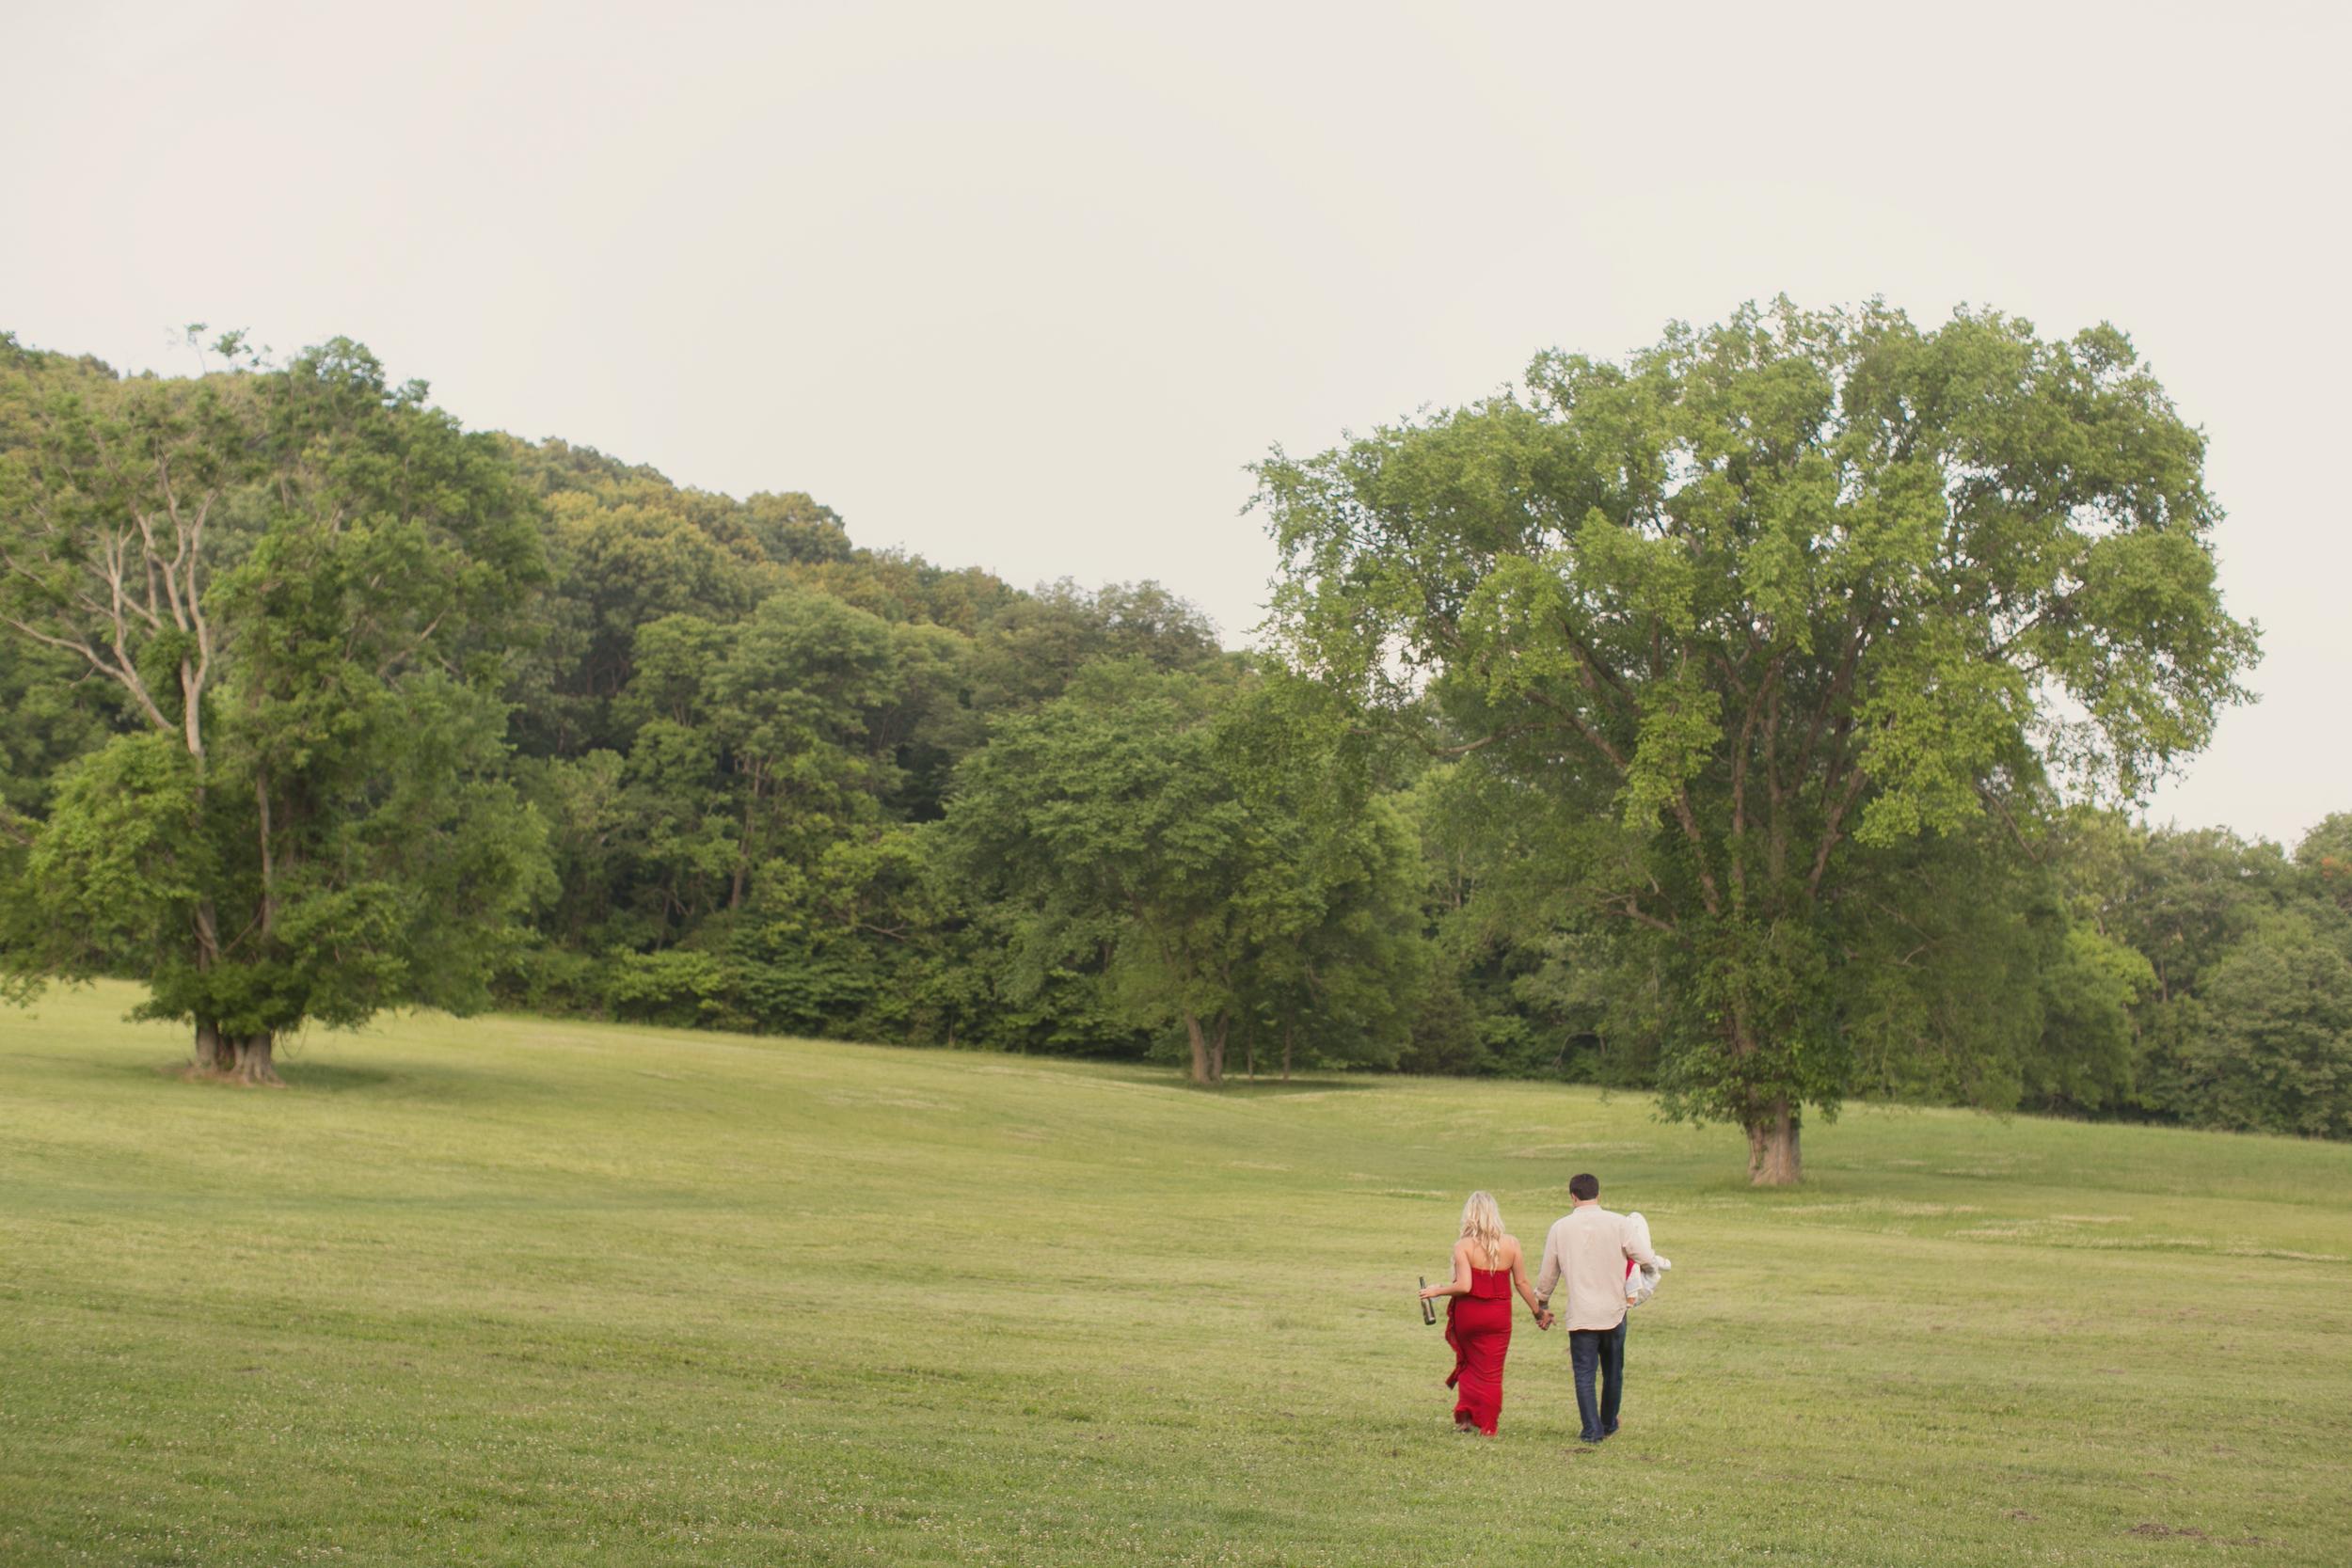 St-Louis-Engagement-Wedding-Photographer-AshlePhoto_0006.JPG